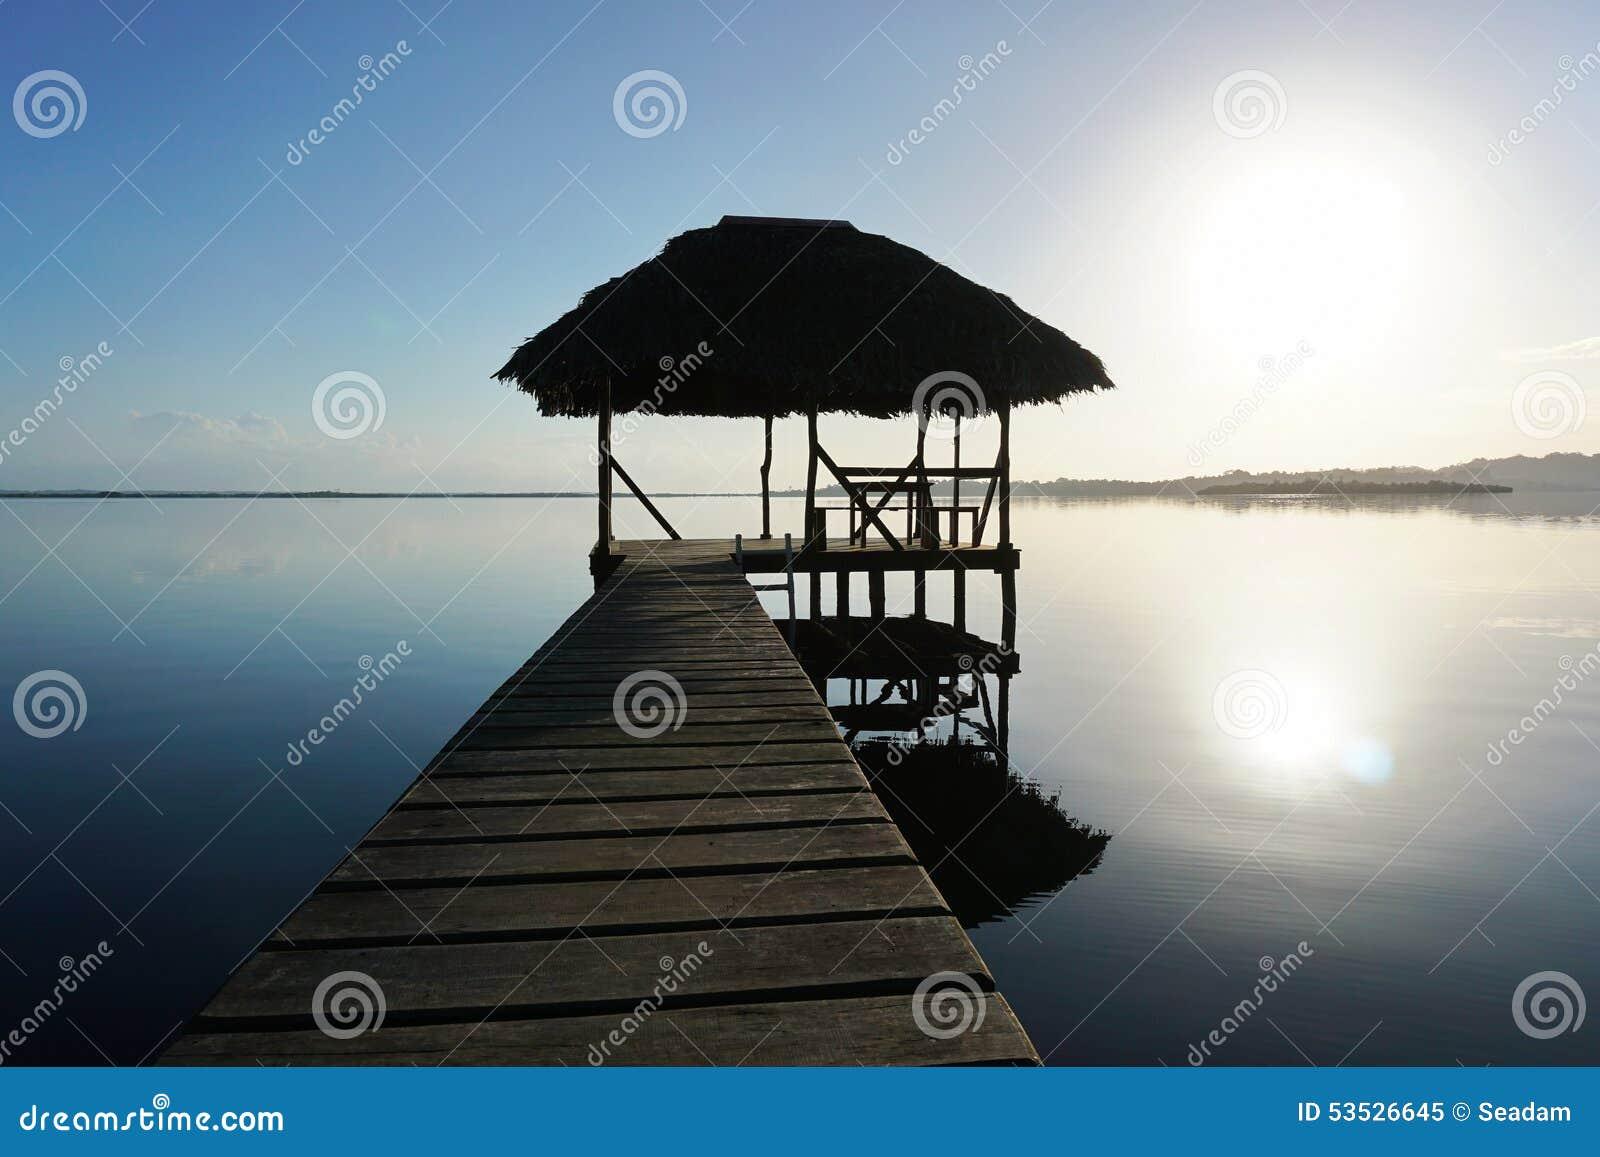 Dok met tropische hut over water op zonsopganglicht